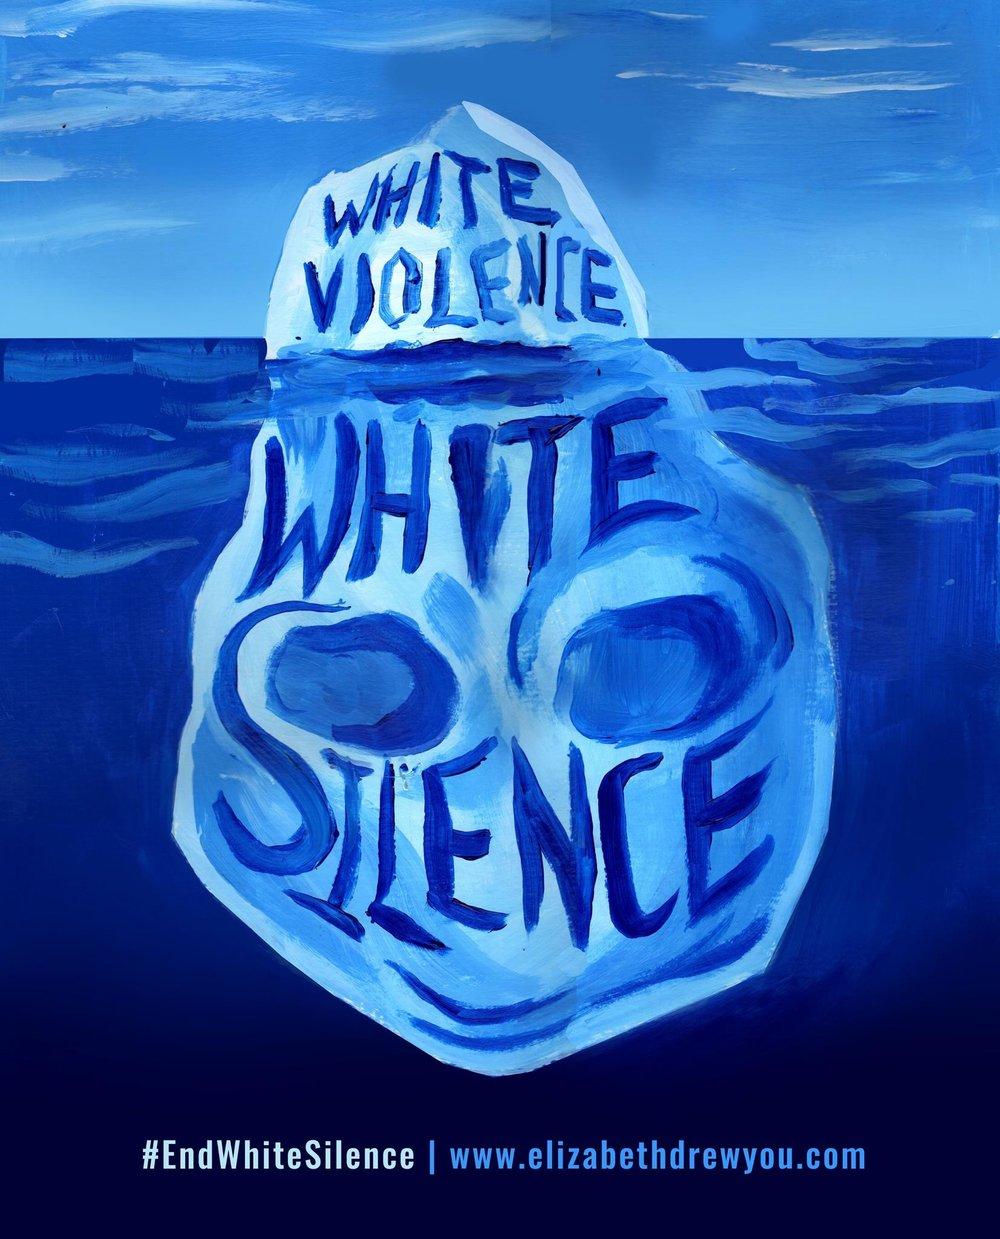 white+violence+poster.jpg